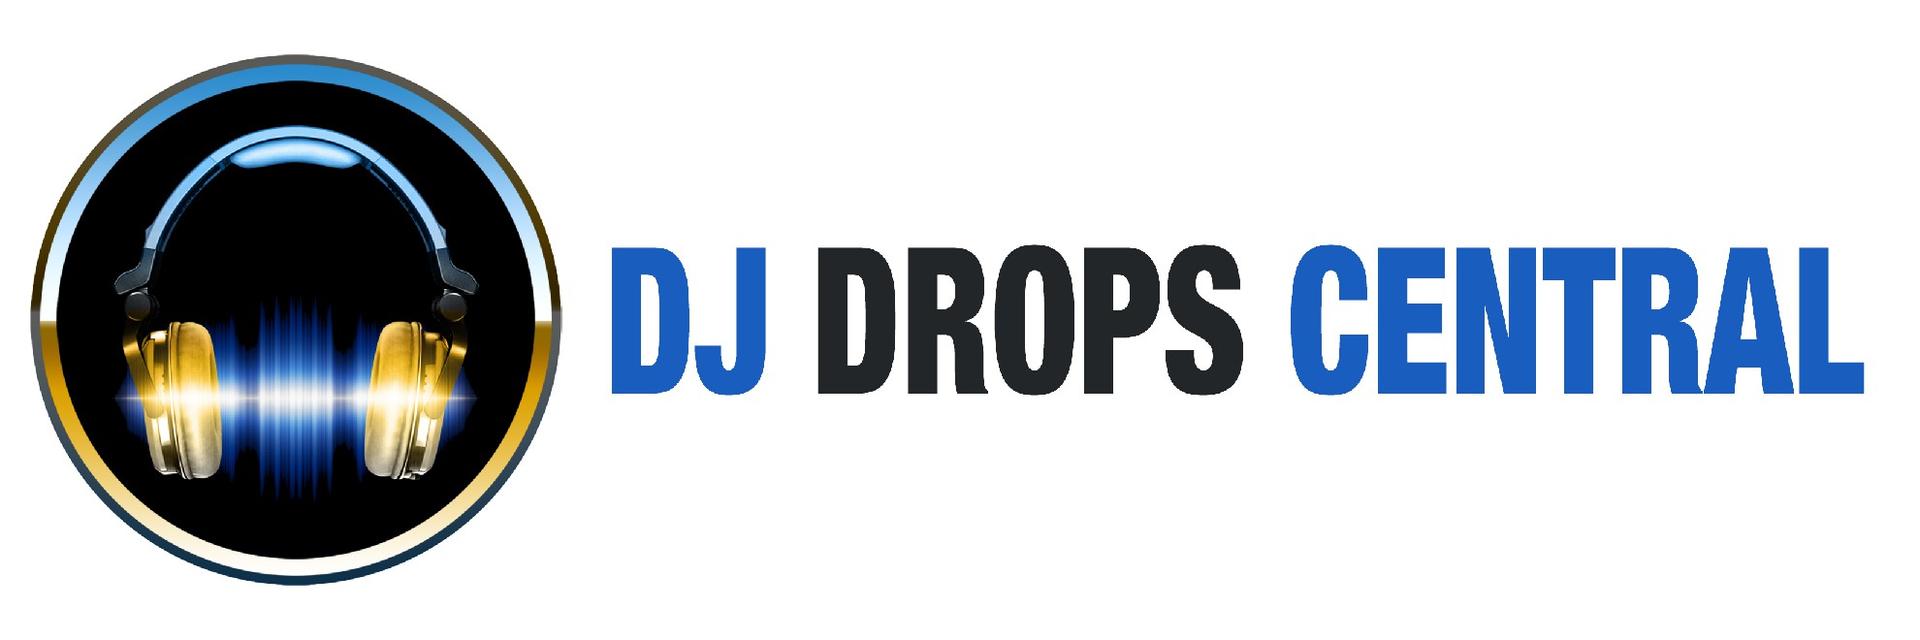 DJ Drops Central Apparel | Represent (id)